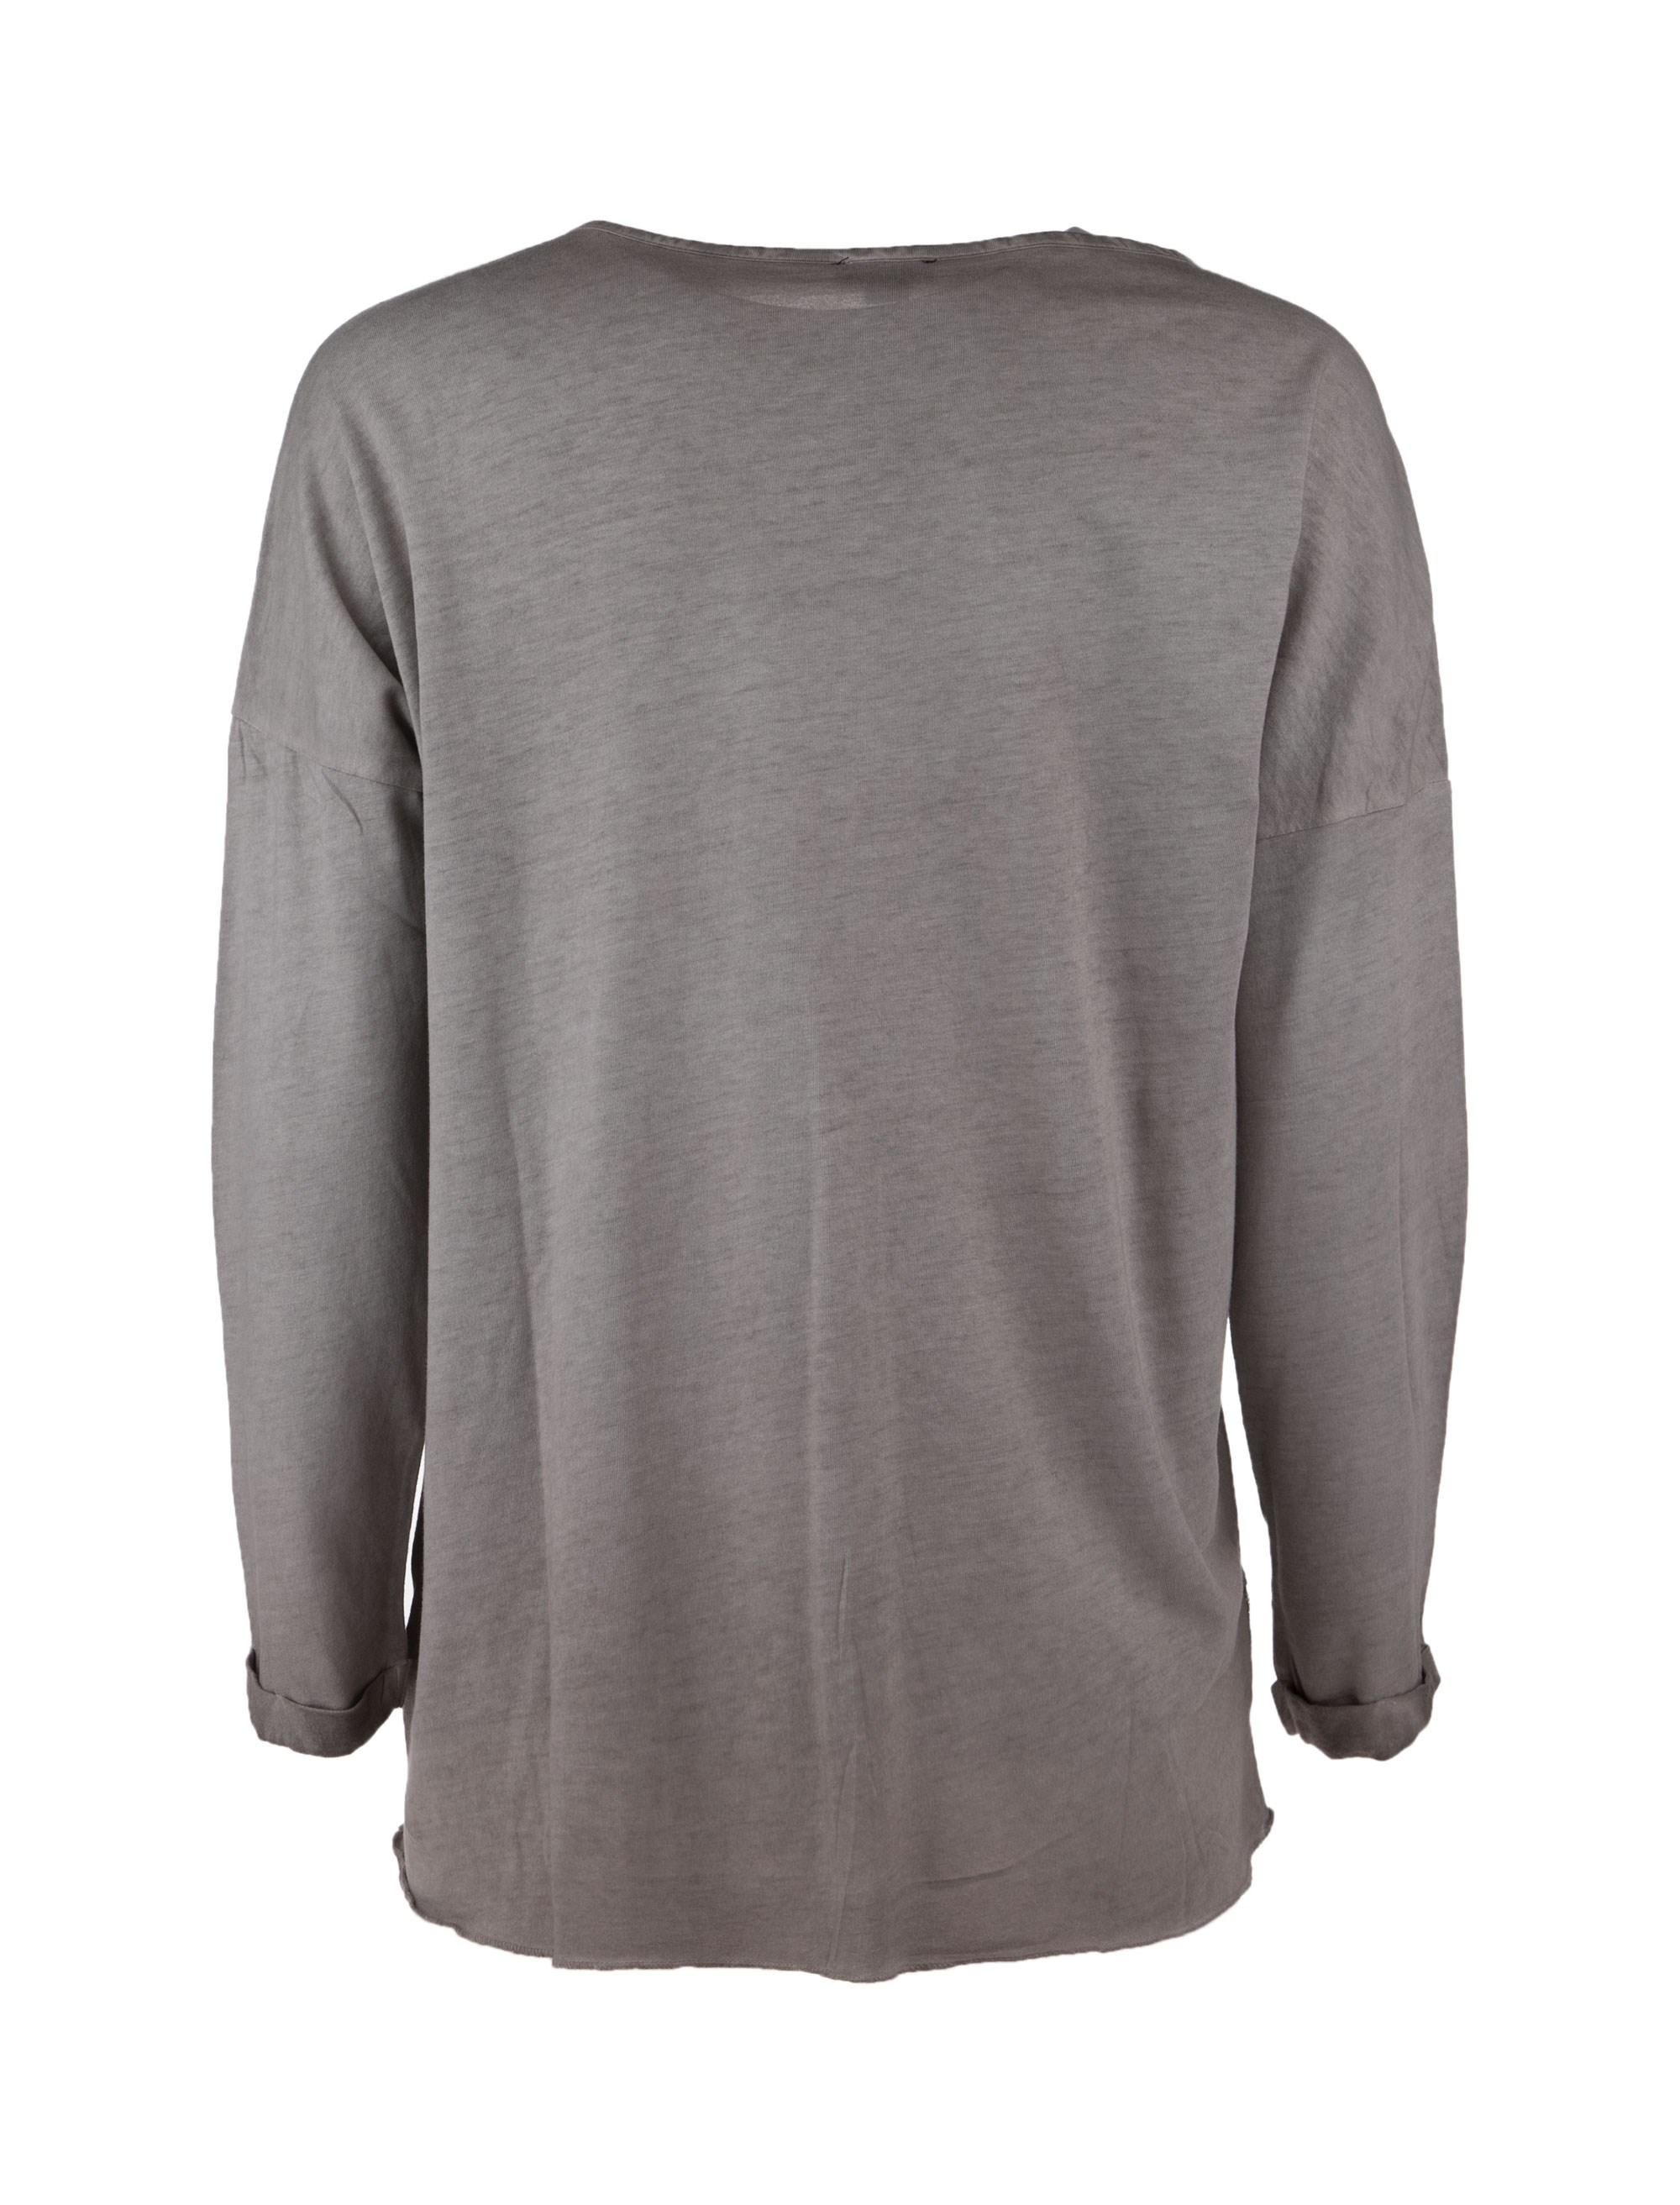 تی شرت نخی یقه گرد زنانه - یوپیم - بژ - 2